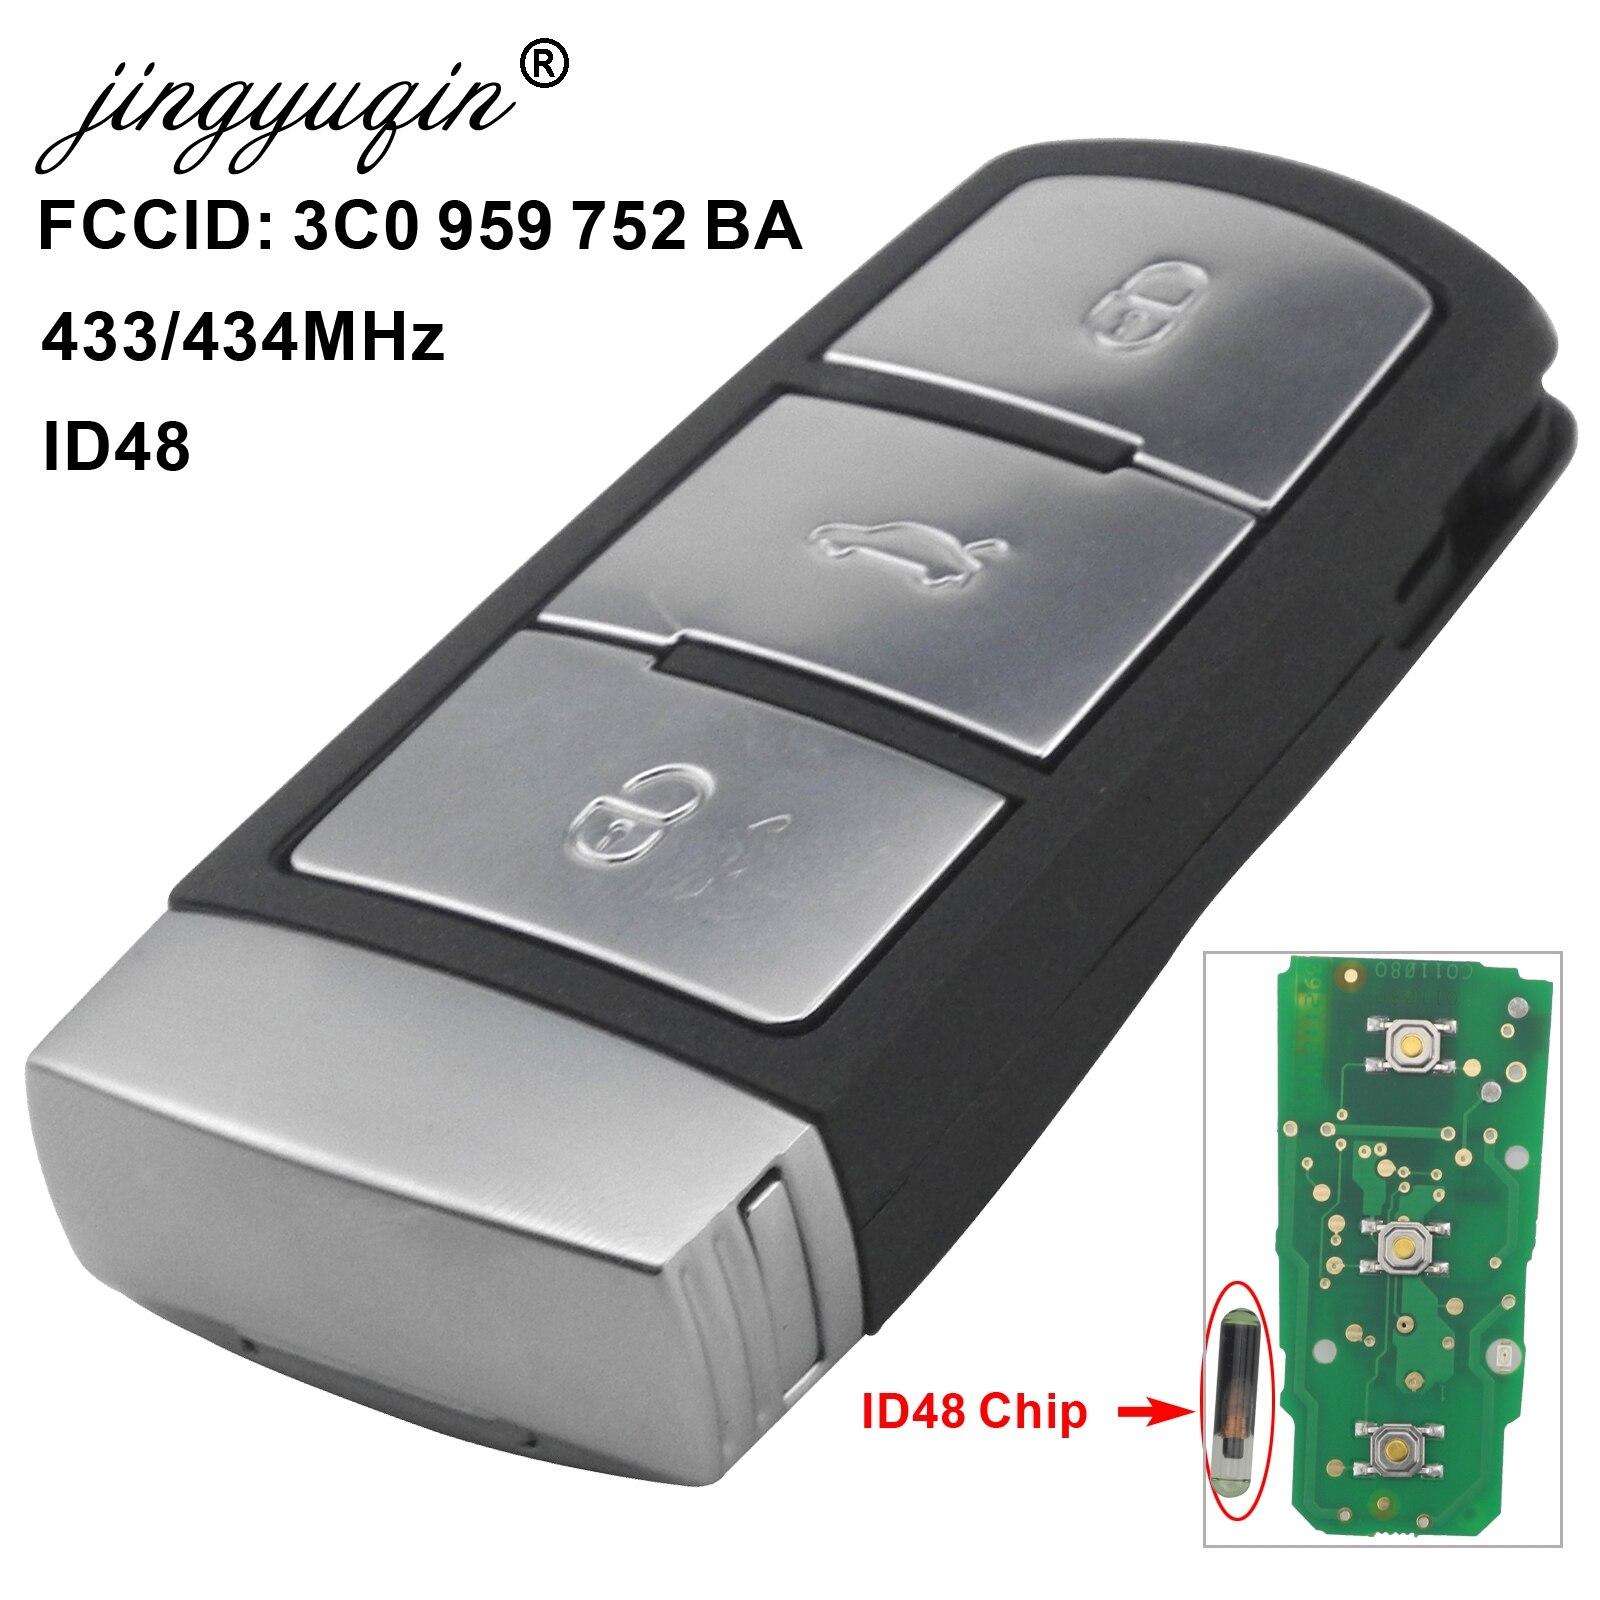 Otomobiller ve Motosikletler'ten Araç Anahtarı'de Jingyuqin 3 düğmeler akıllı uzaktan anahtar araba anahtarı 3C0 959 752 BA 434Mhz ID48 çip fit VW passat B6 3C B7 Magotan CC